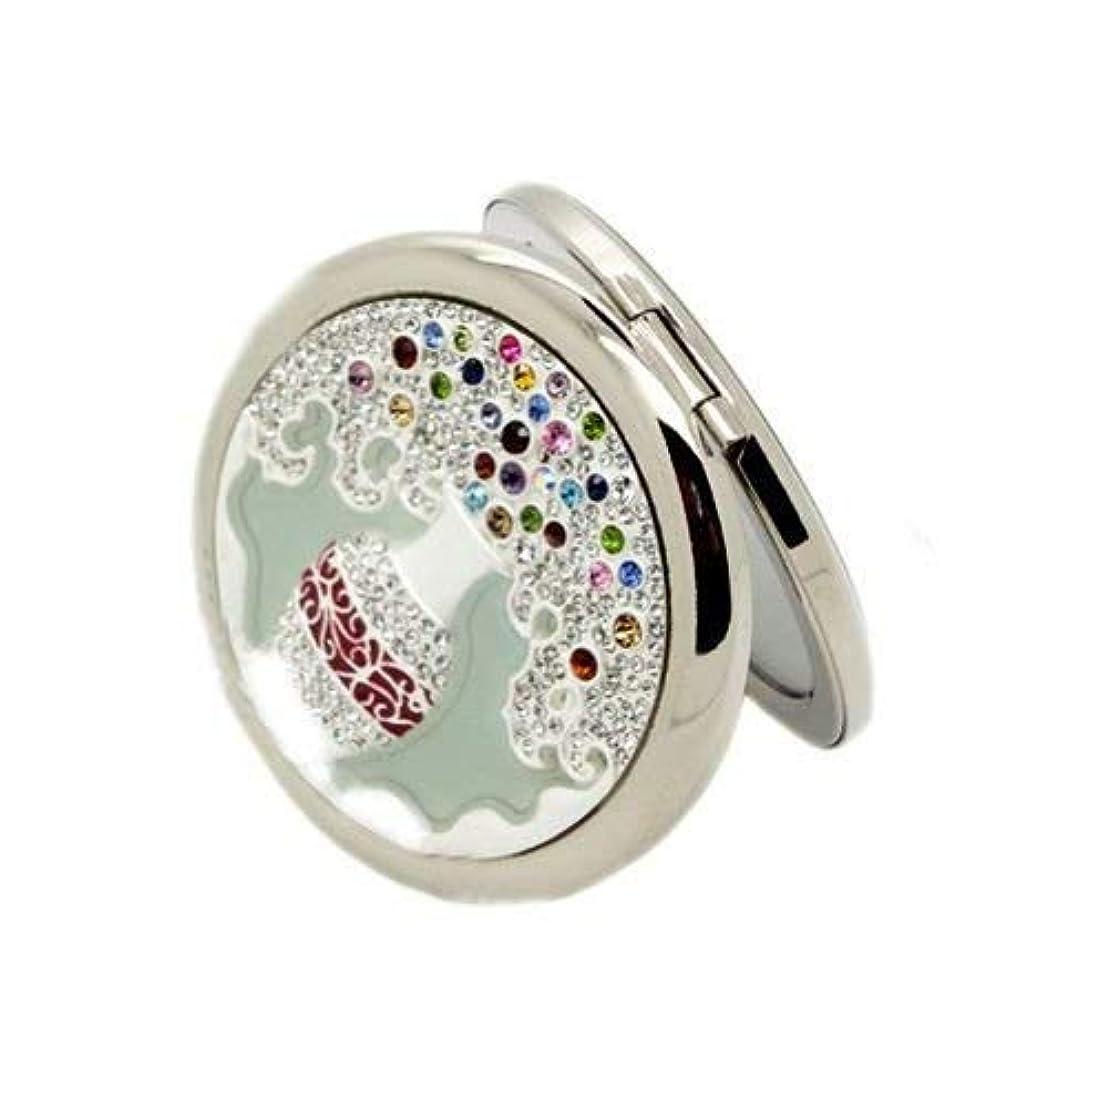 プレゼンターウッズ哀れなコンパクトミラー ハンドミラー 手鏡(12081138)